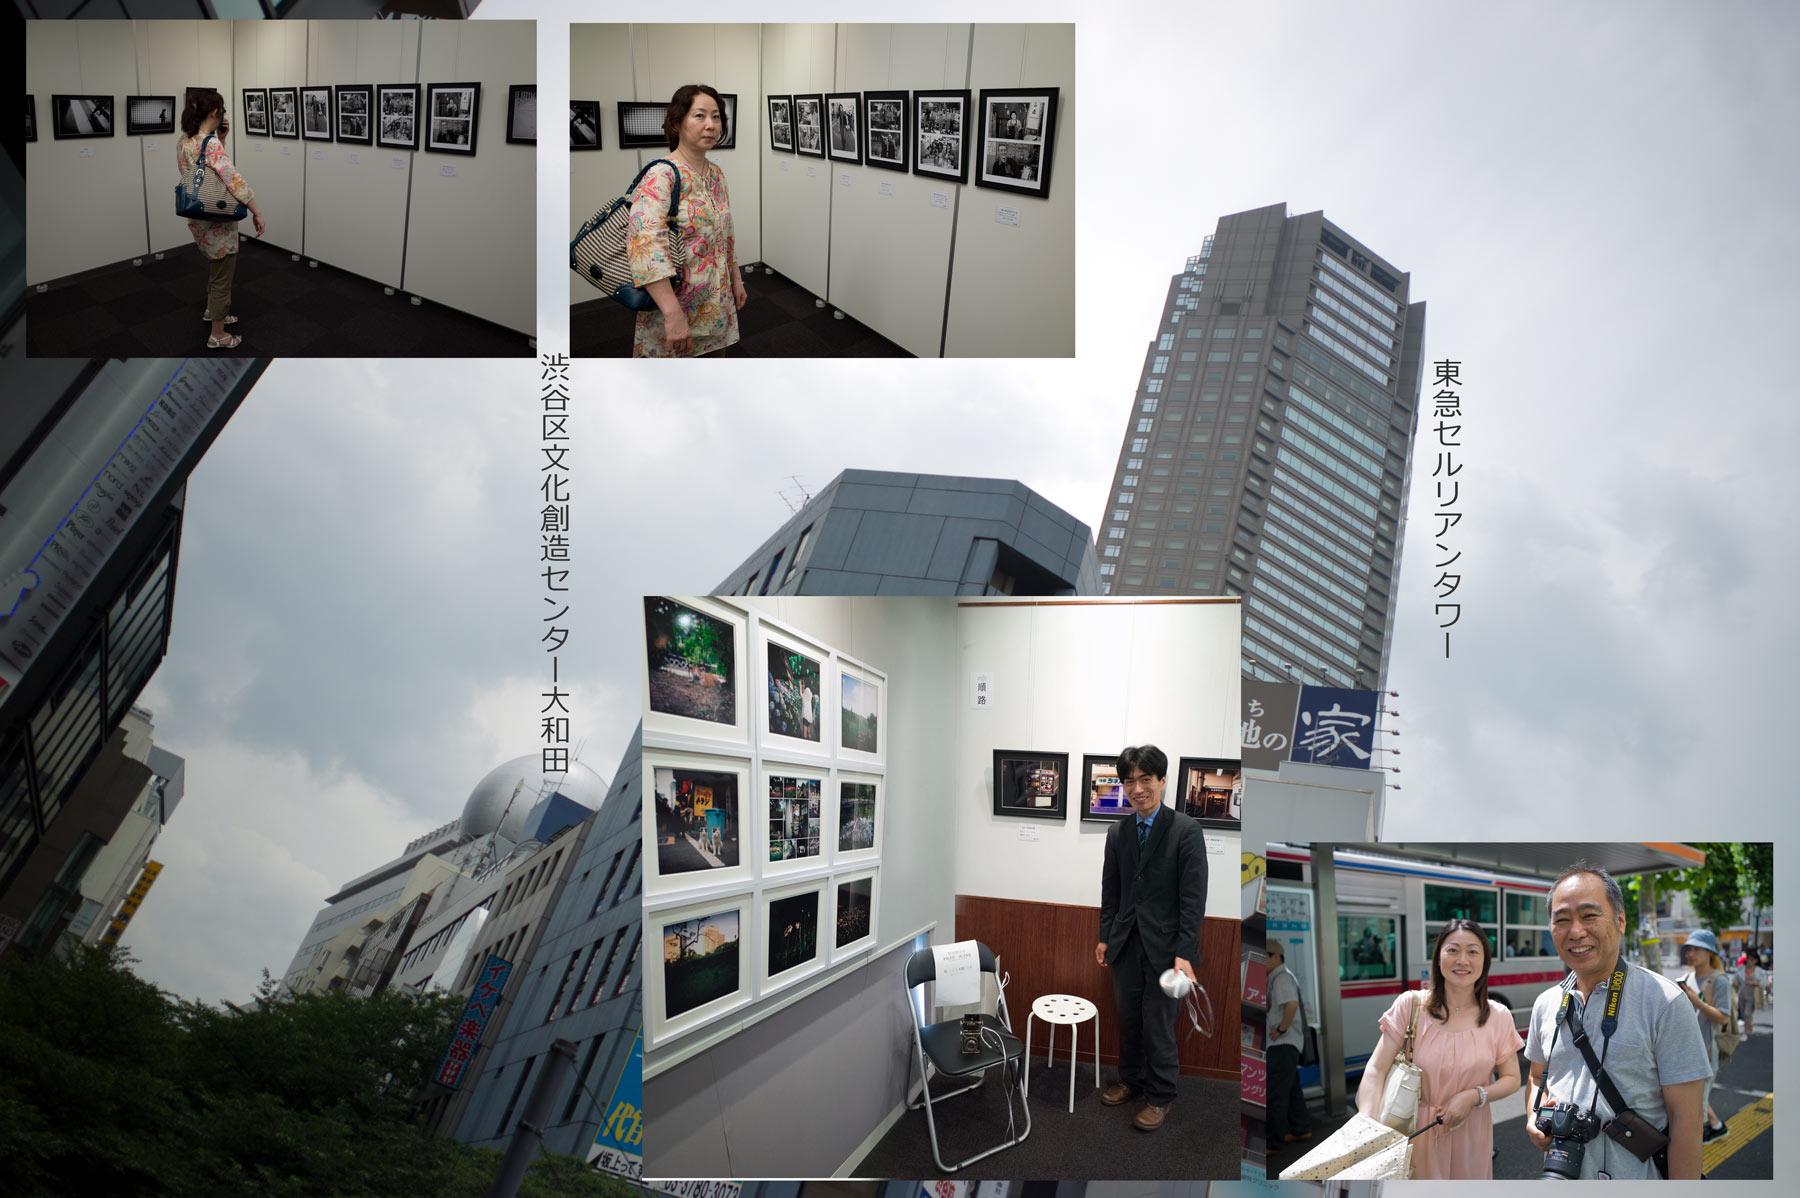 妻と写真展へ。_a0271402_830587.jpg